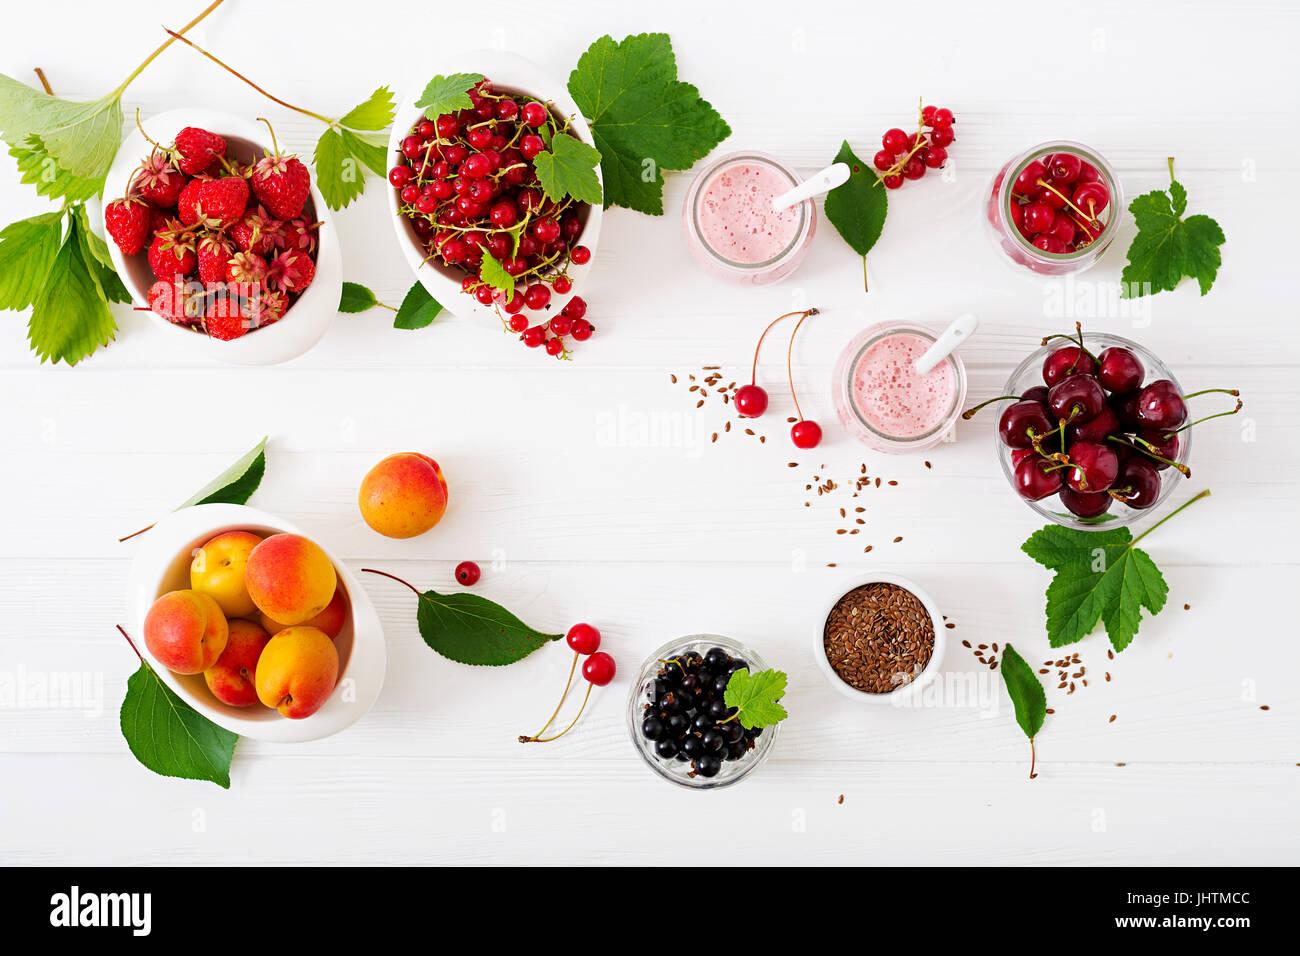 Joghurt mit Beeren. Sommer-Frühstück. Gesundes Frühstück. Fitness Nahrung. Die richtige Ernährung. Stockbild